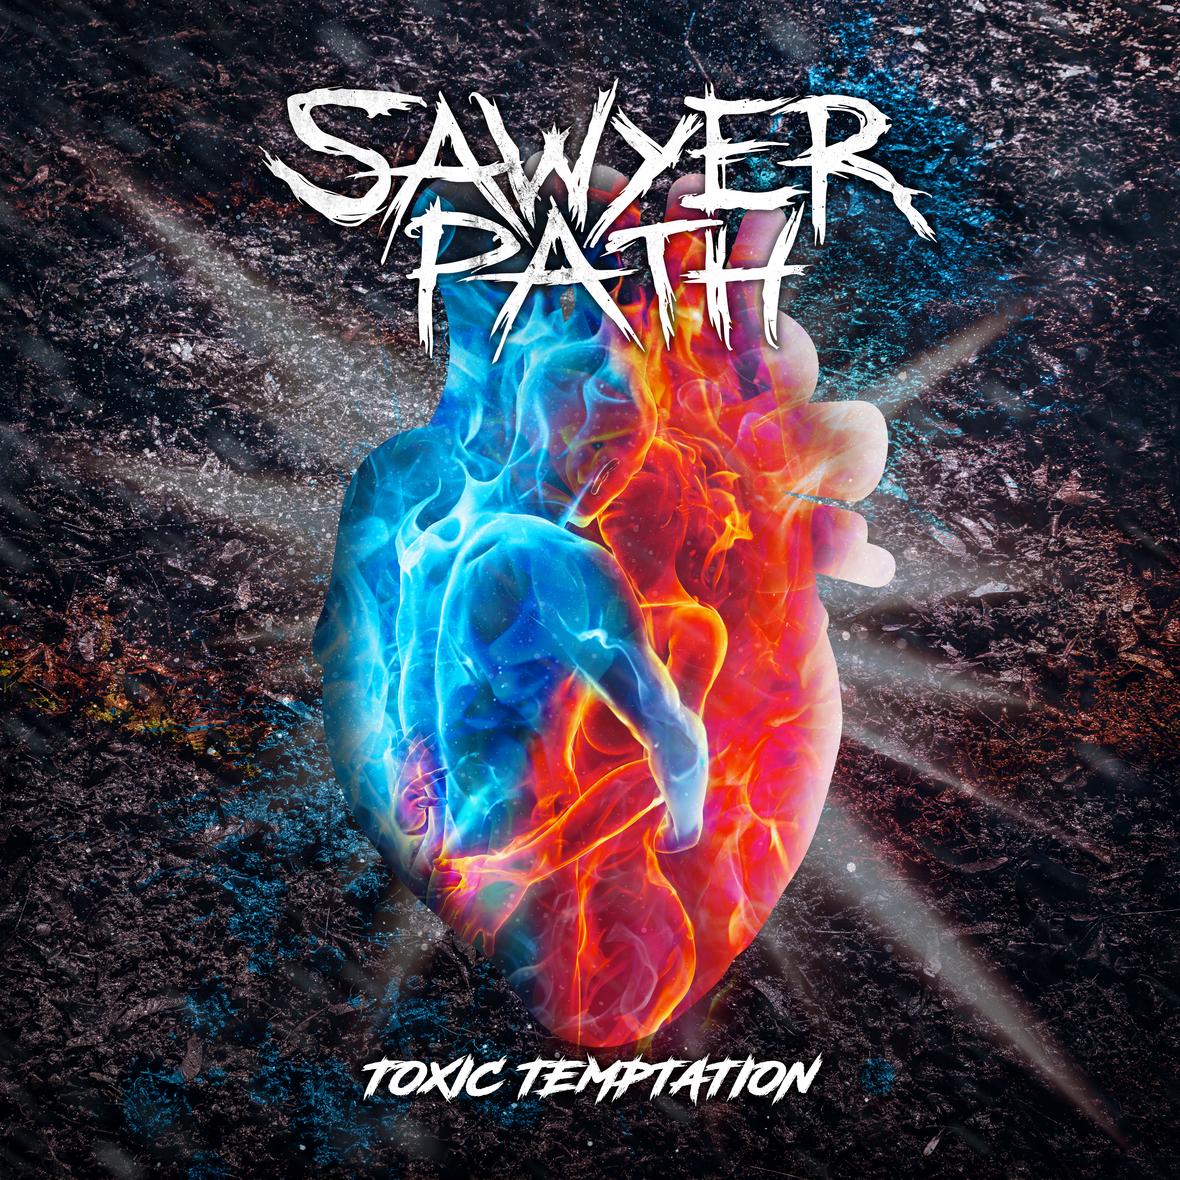 Toxic Temptation - Album Art